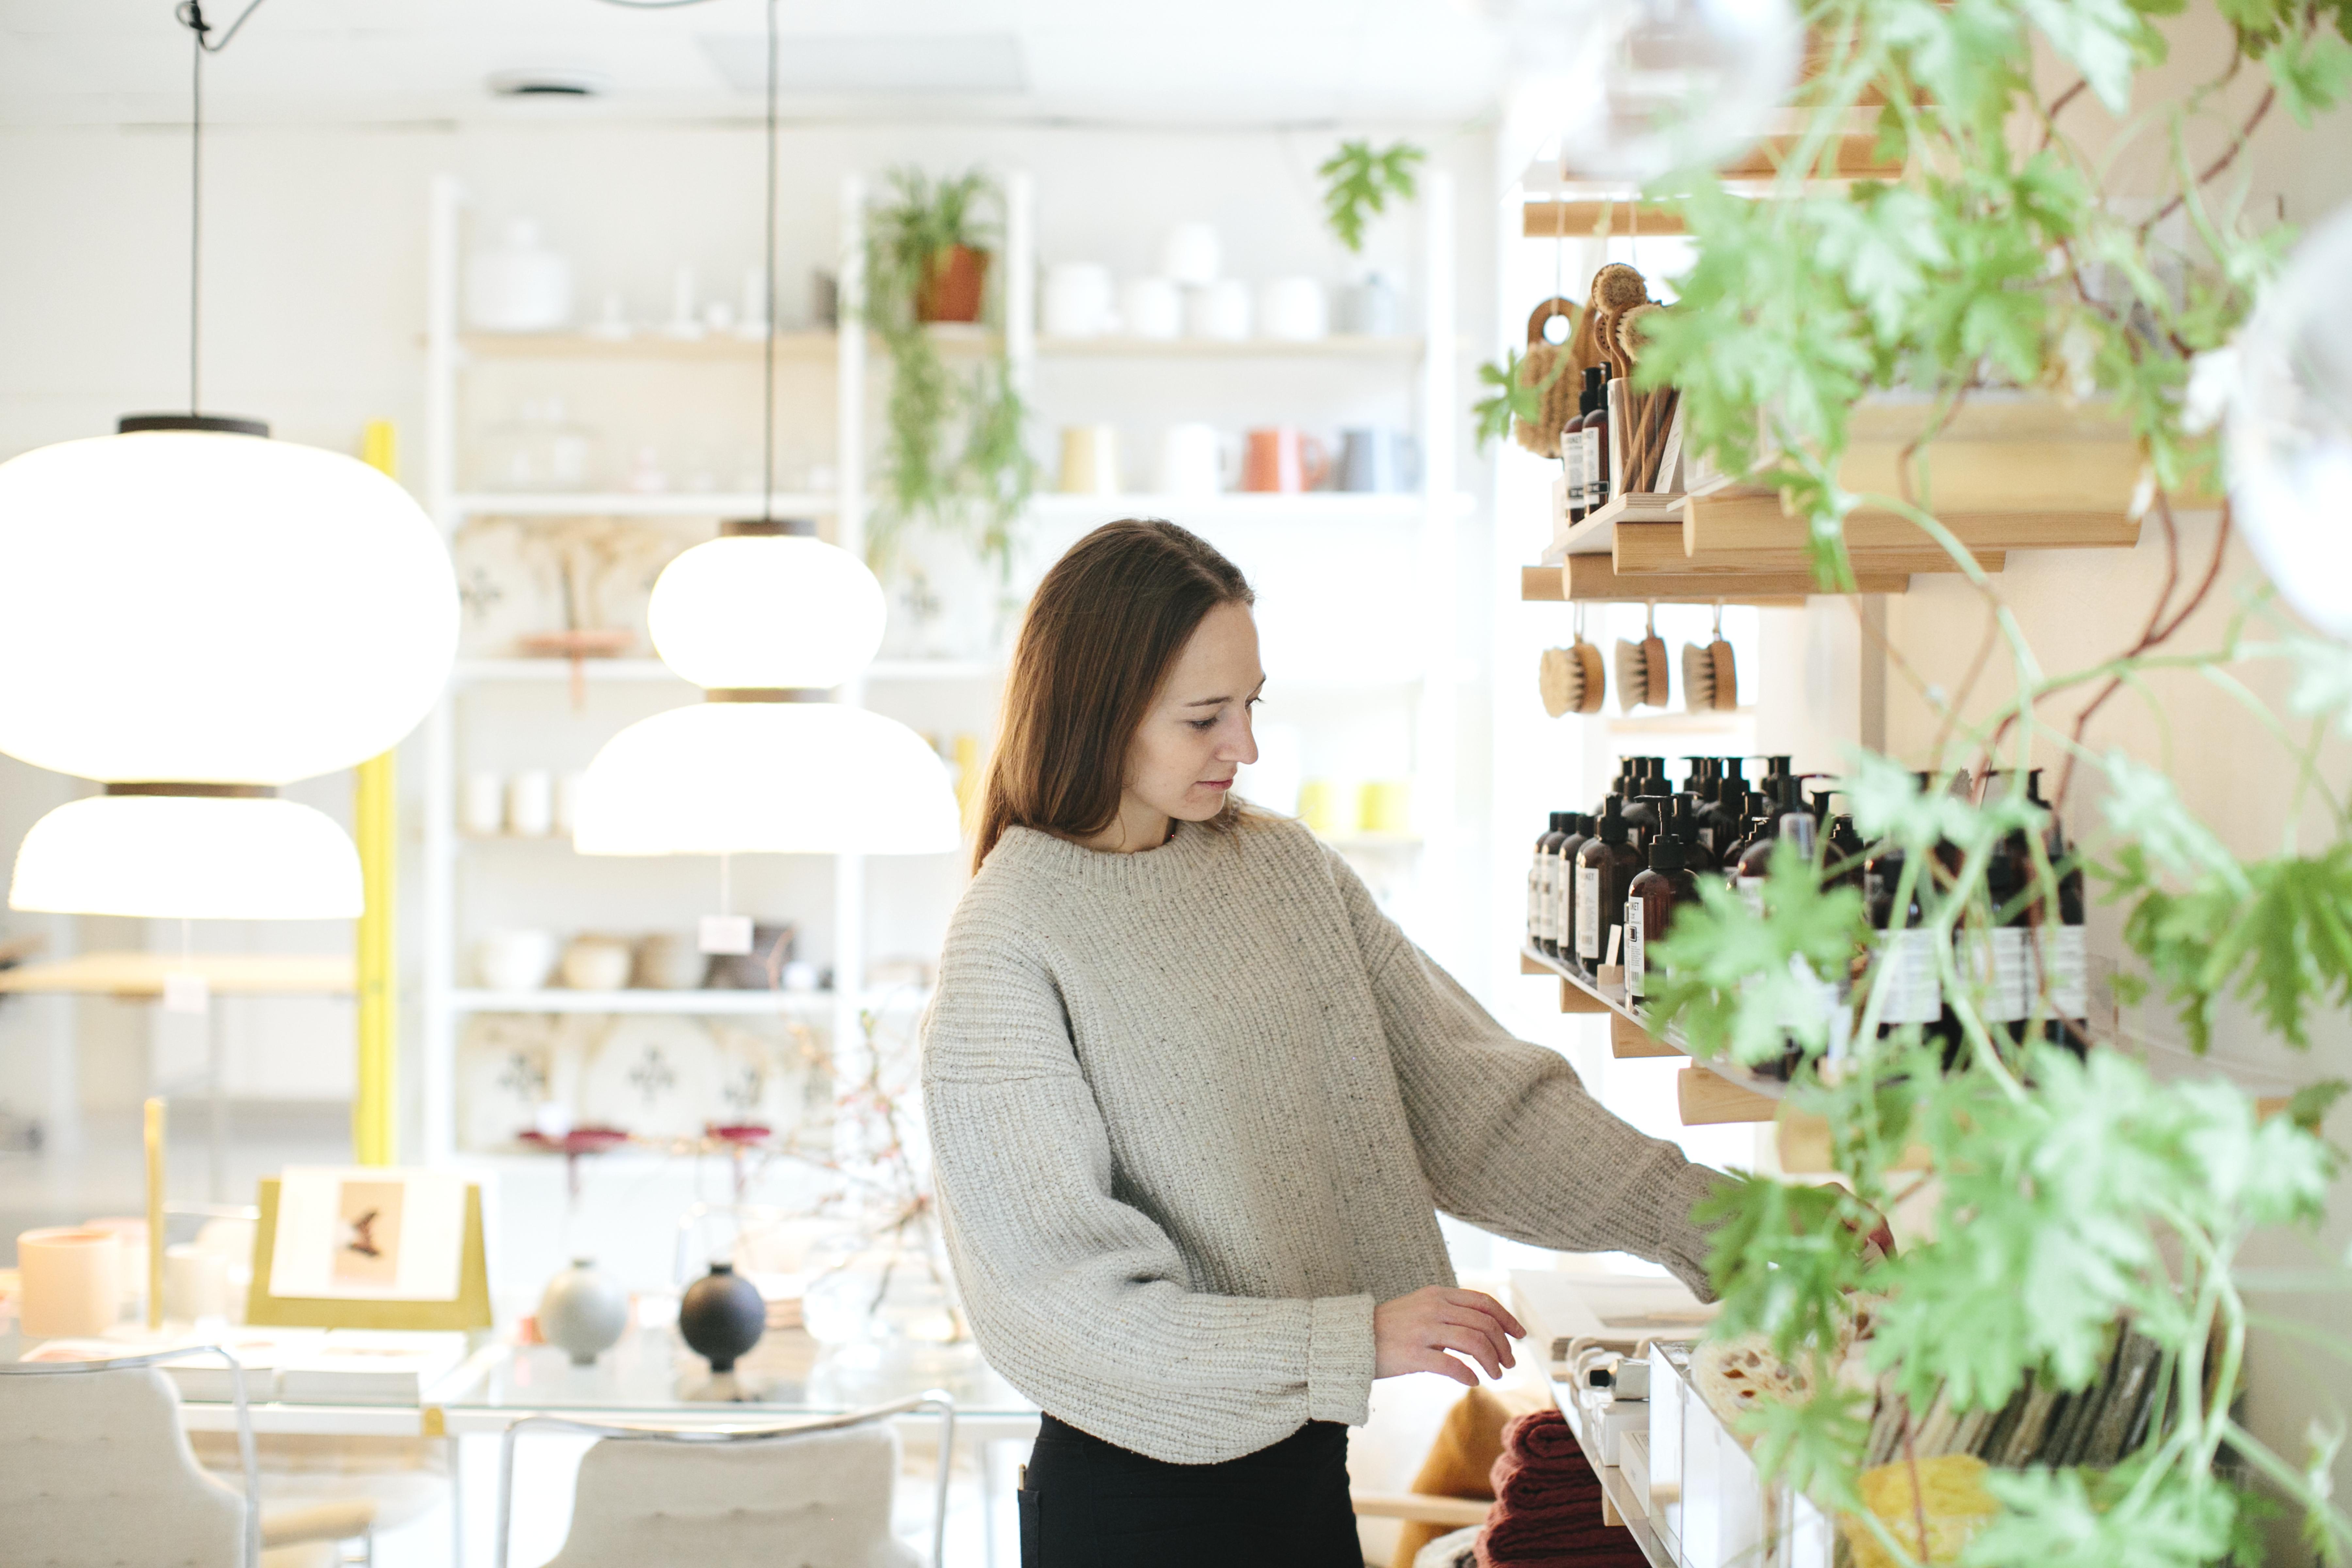 Kvinner shopper